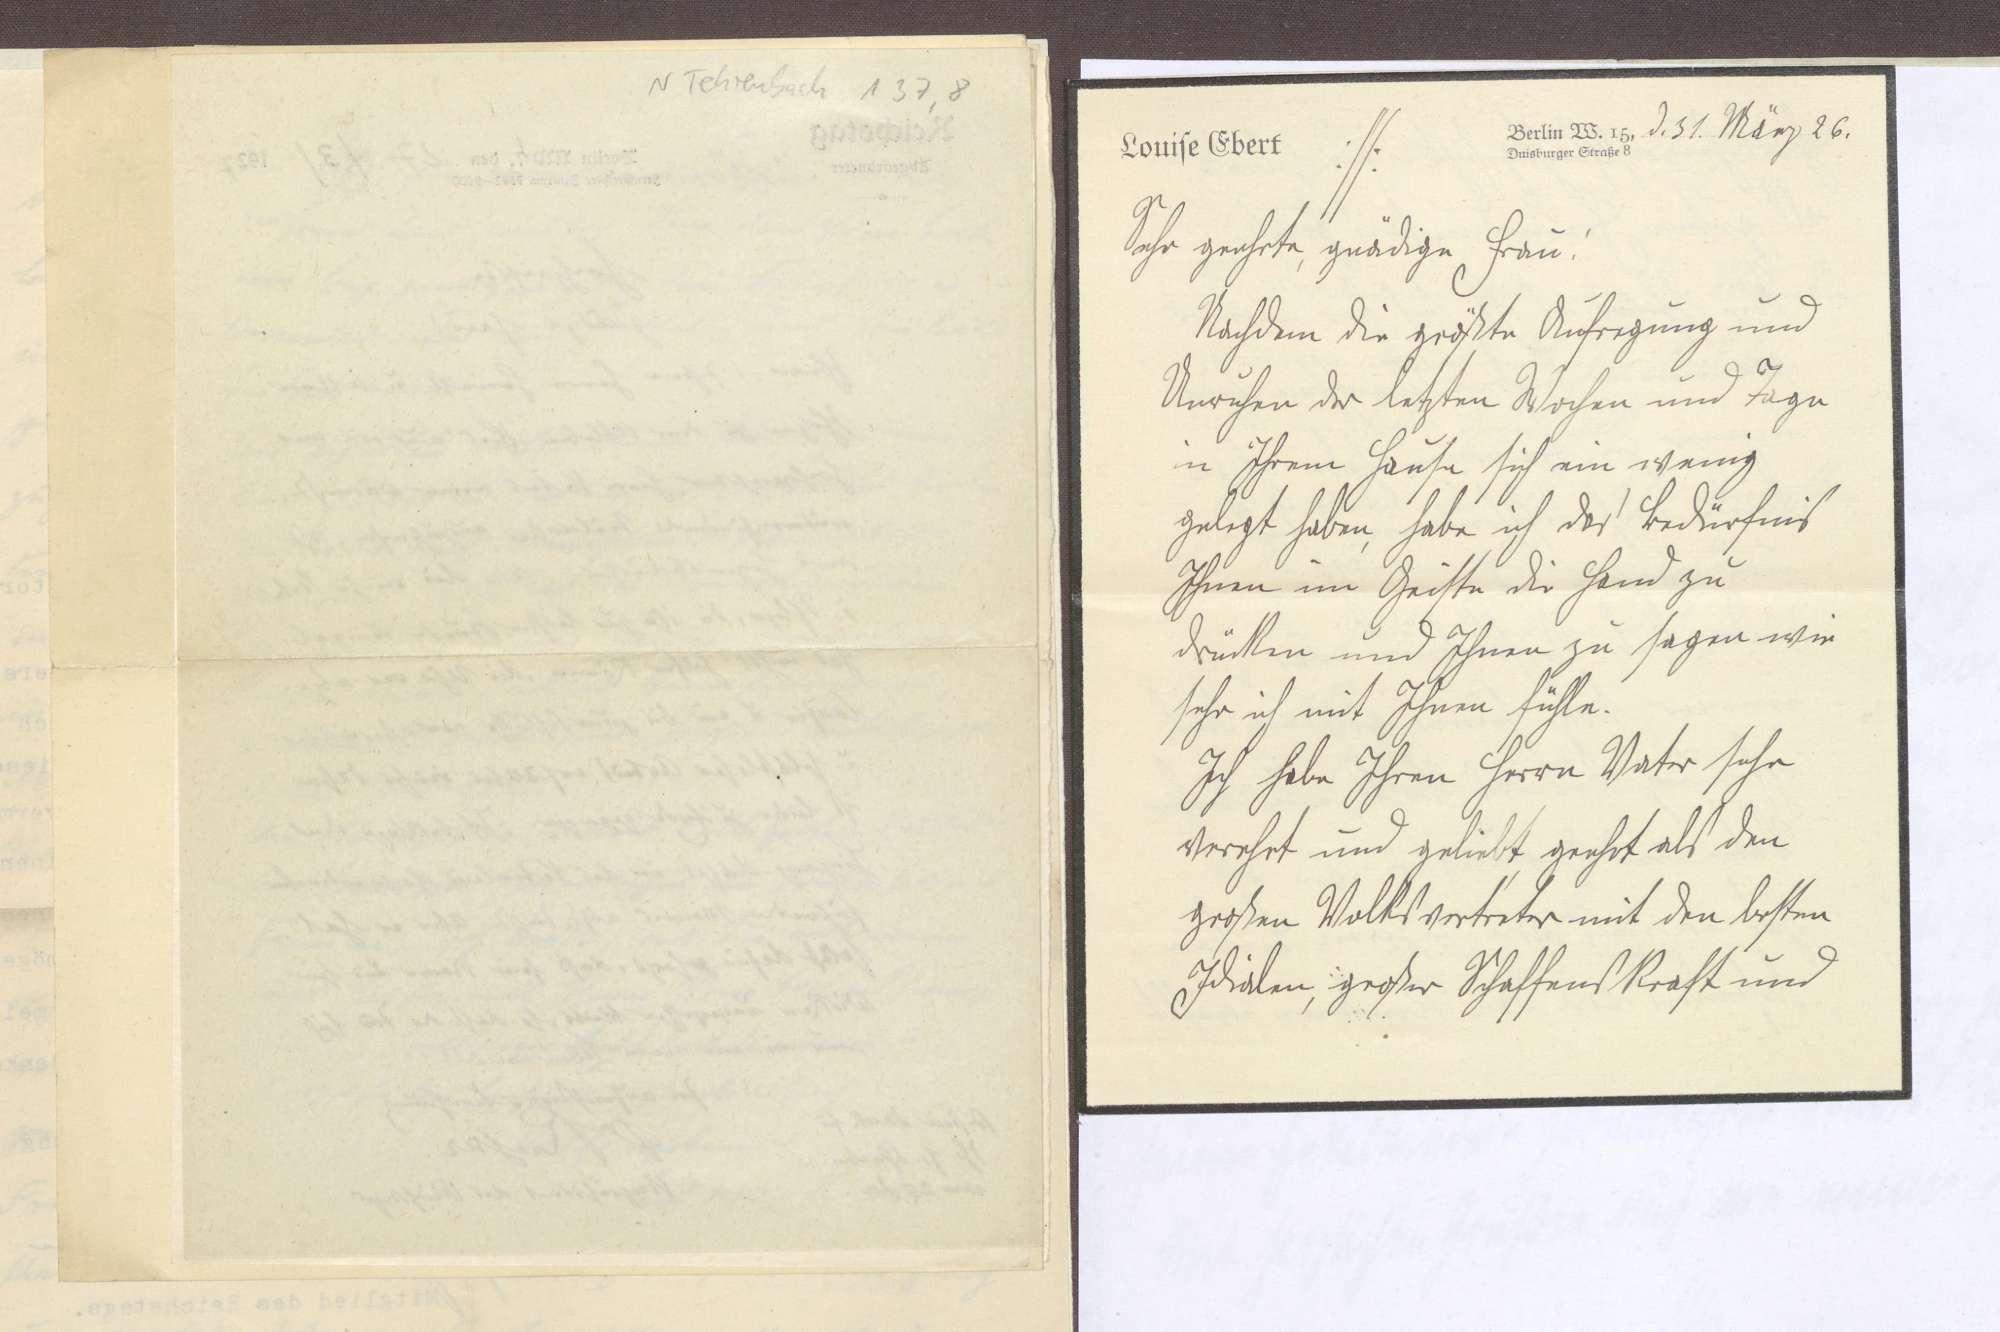 Schreiben von Louise Ebert, Berlin, an Elisabeth Rosset, Kondolenzbrief zum Tod von Constantin Fehrenbach, Bild 1